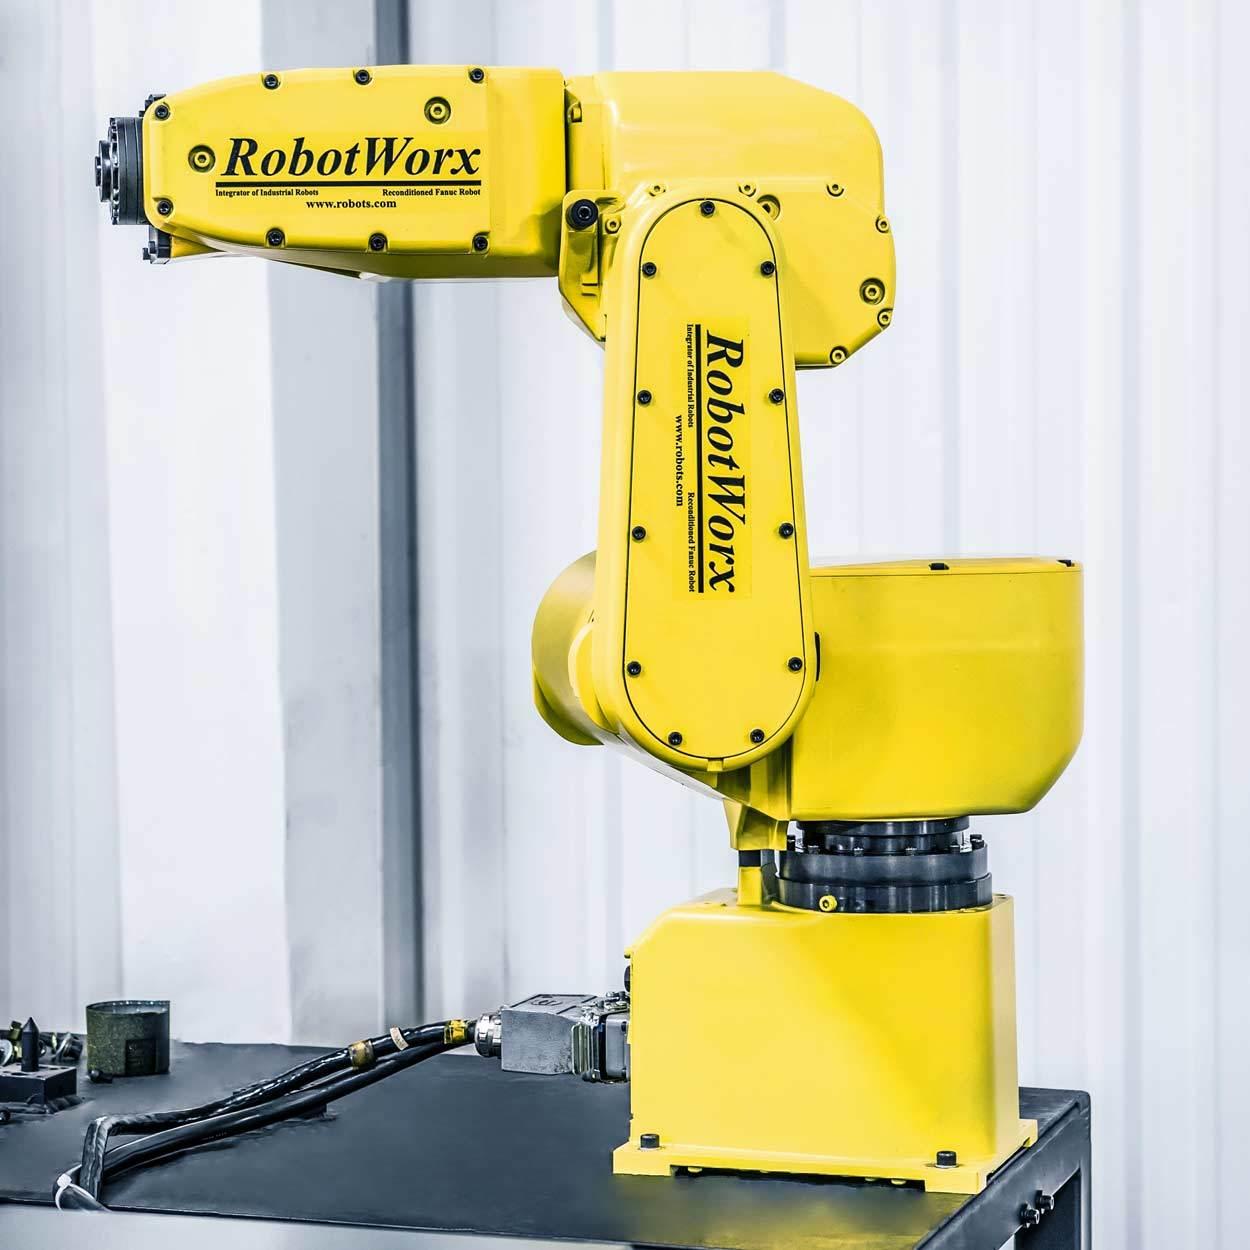 RobotWorx - FANUC LR Mate 200iB